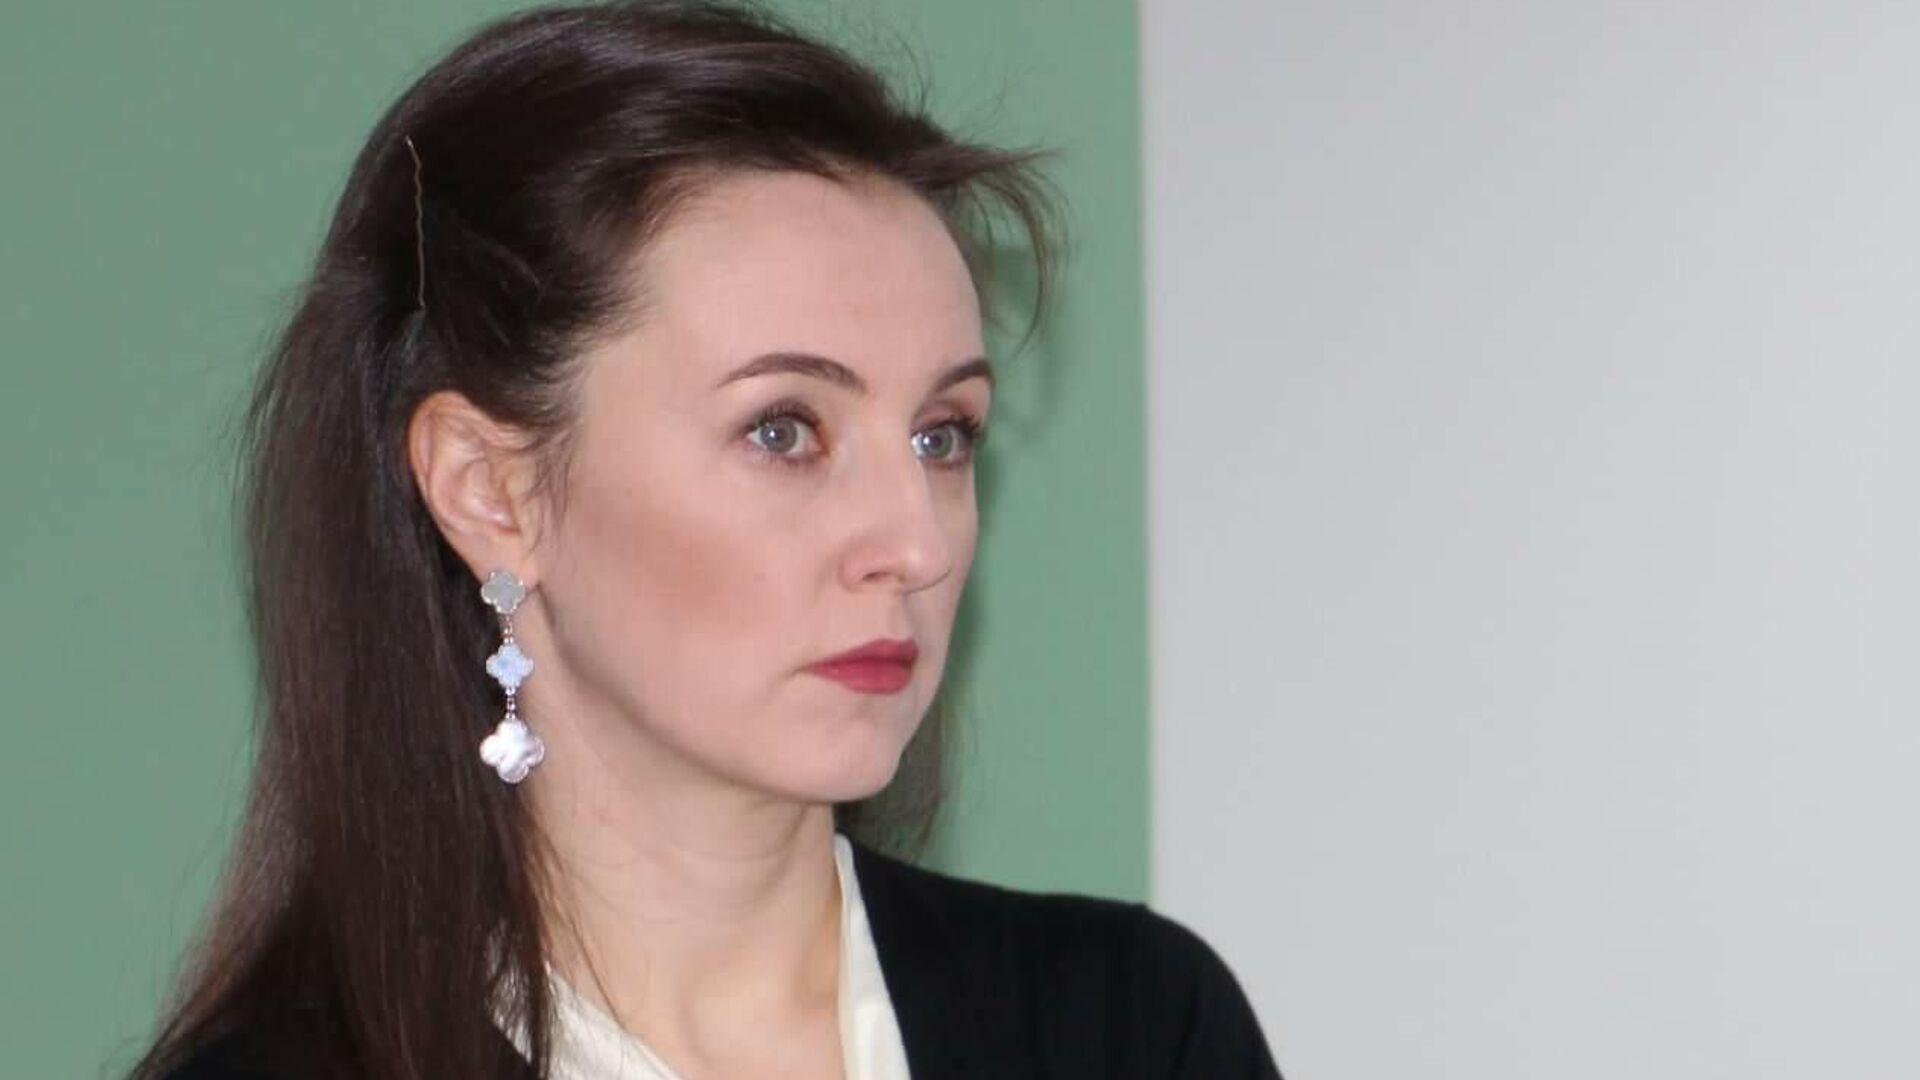 Каклюгина стала зампредом кабмина и министром соцразвития Подмосковья